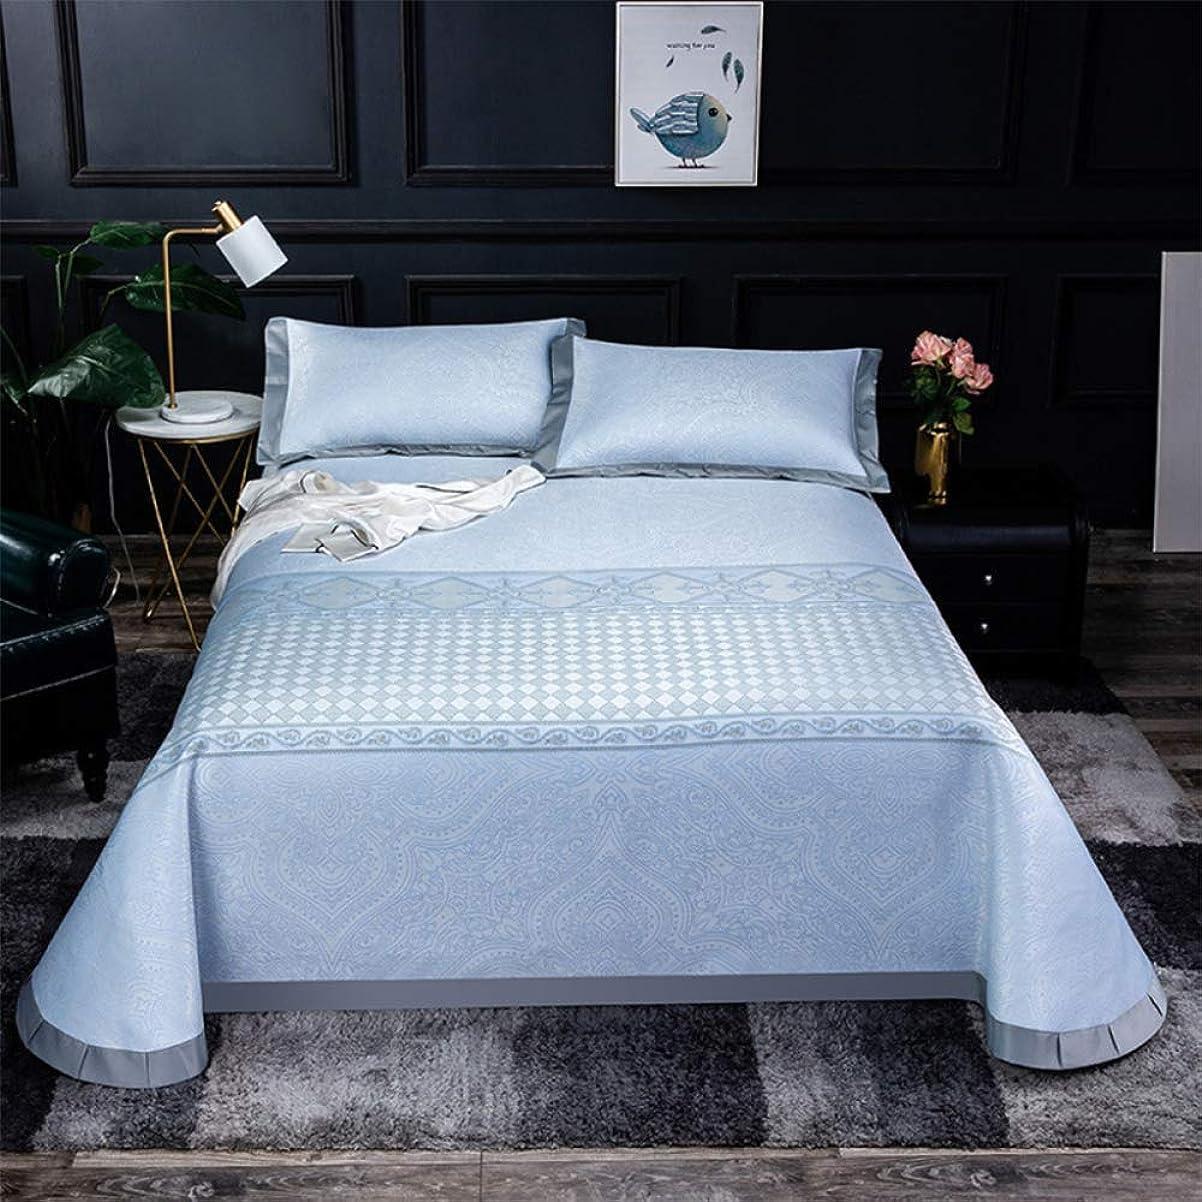 交じる証明する横に夏のアイスシルクマット折りたたみシート夏のマットマットレスマットレス保護パッド新鮮な夏の吸汗性パッド寝具,2-250*250CM